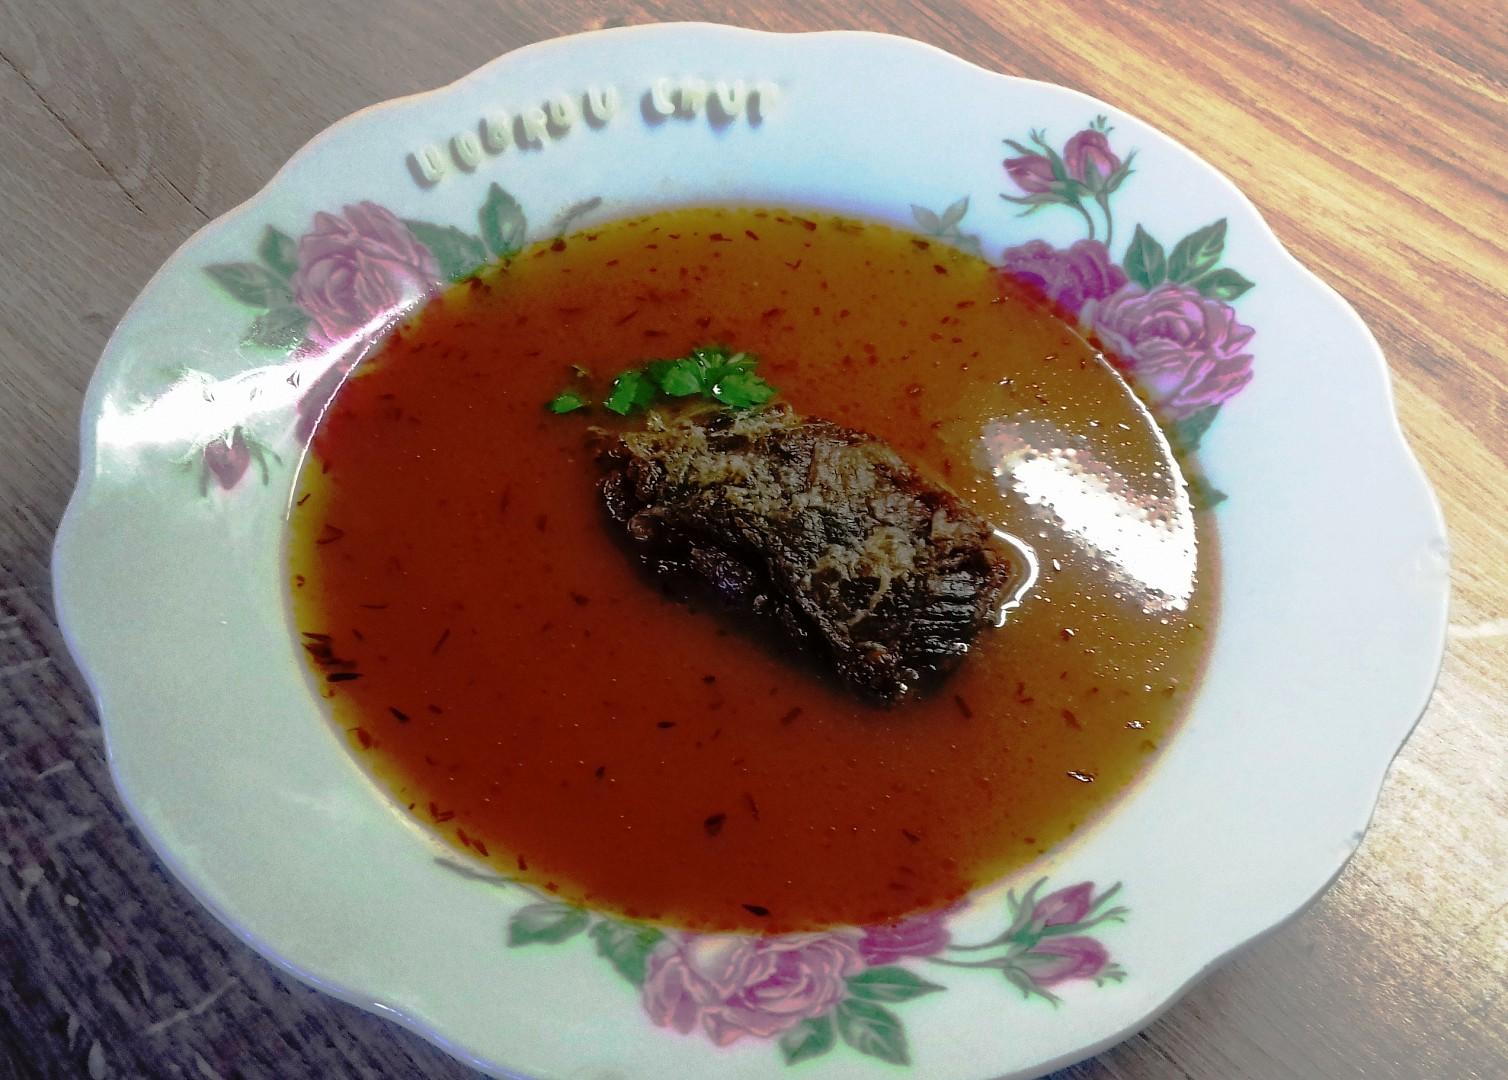 Rajská polévka s pečeným hovězím žebrem a písmenky